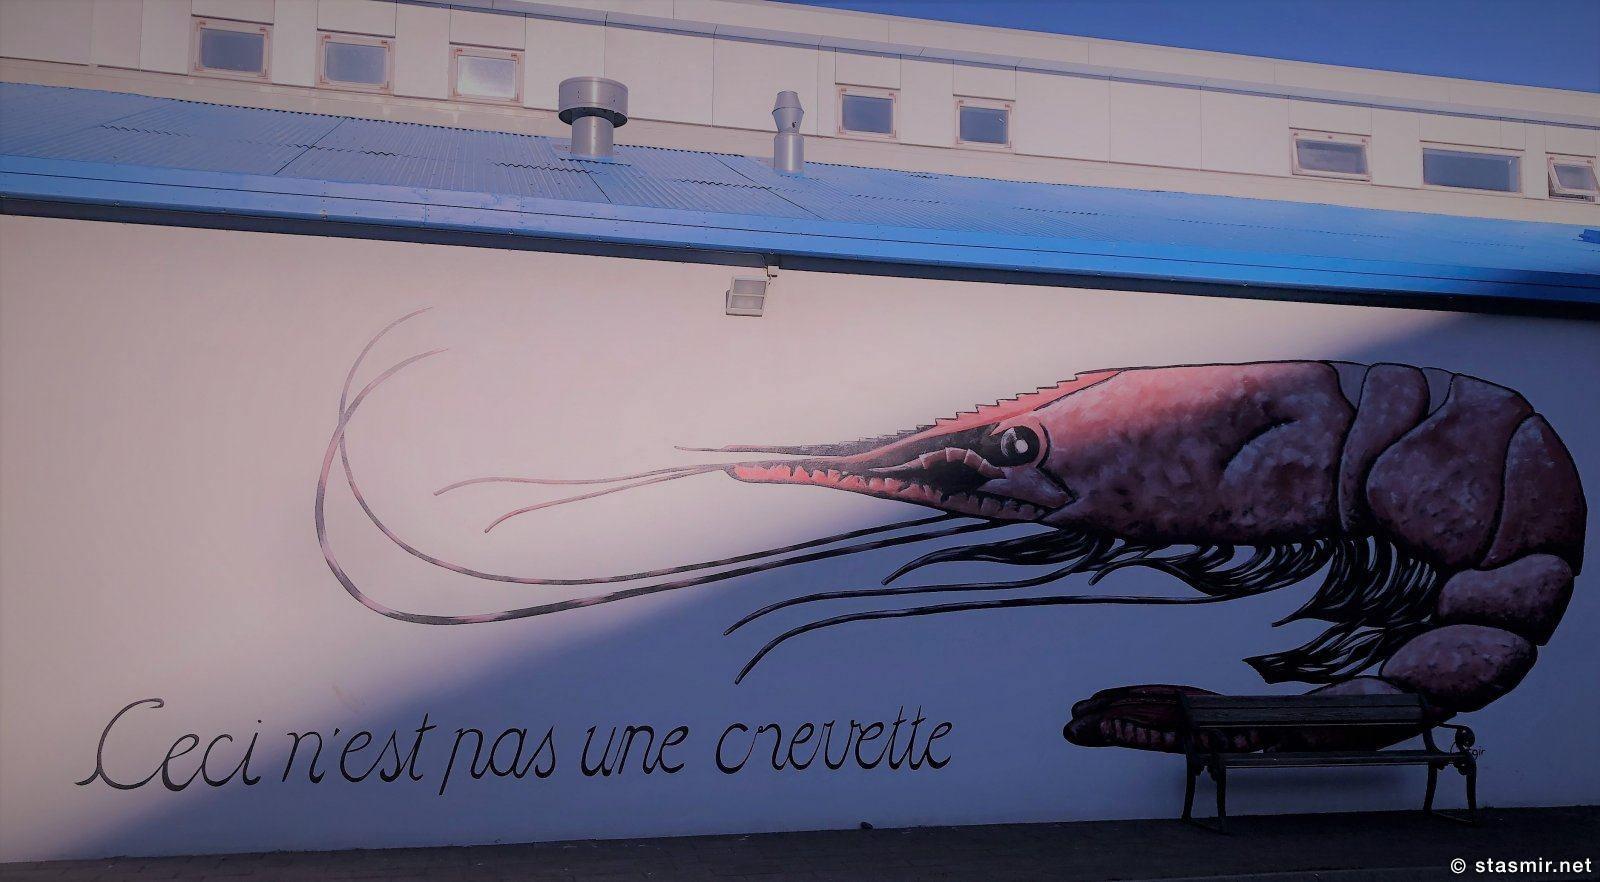 crevette, Это не креветка. Хужожественная роспись стены рыбзавода, Скагафьердюр, фото Стасмир, photo Stasmir